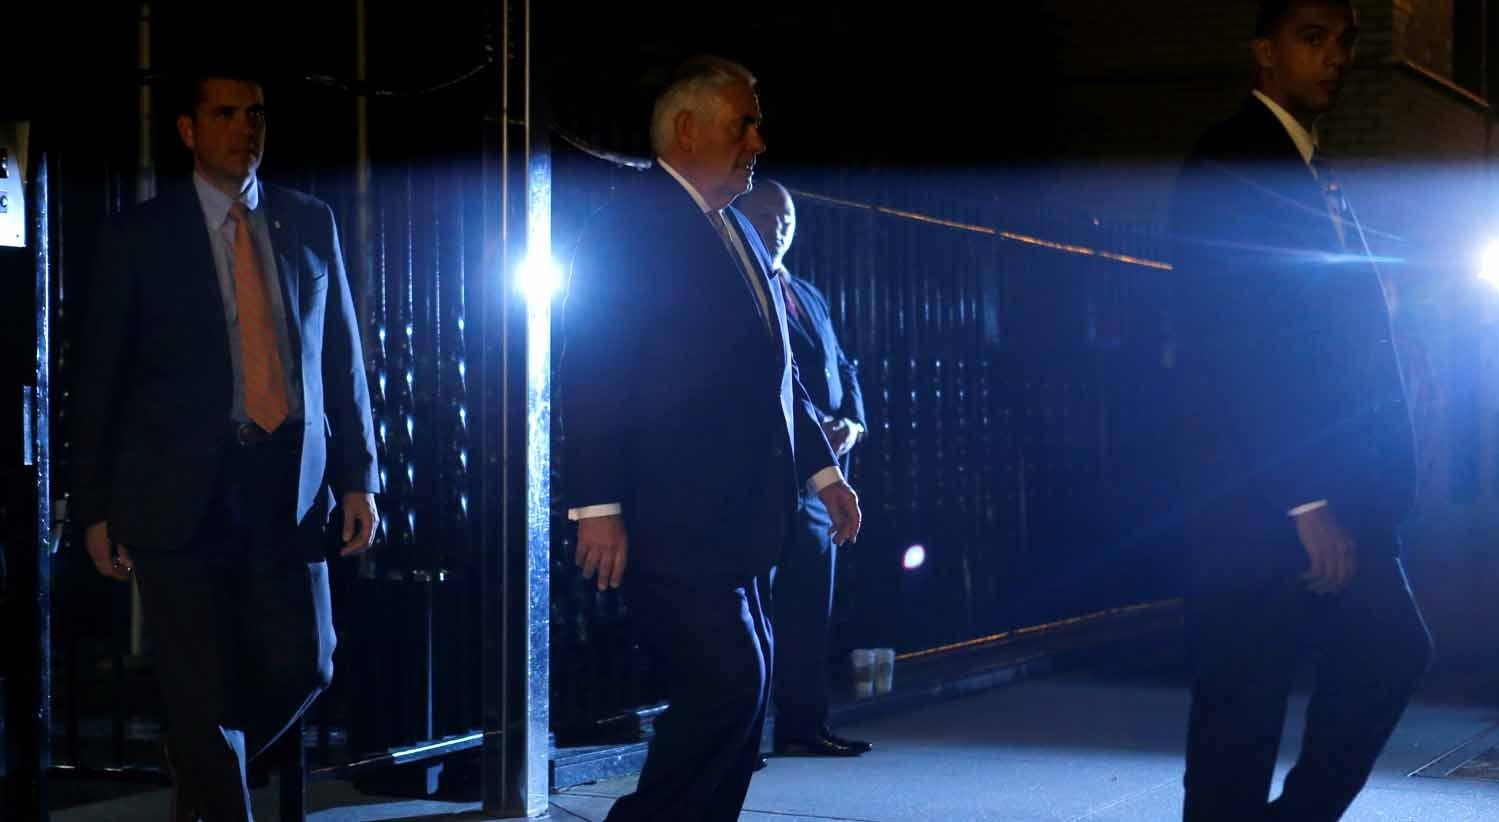 Chefes da diplomacia da Rússia e EUA reúnem-se em clima de guerra de sanções